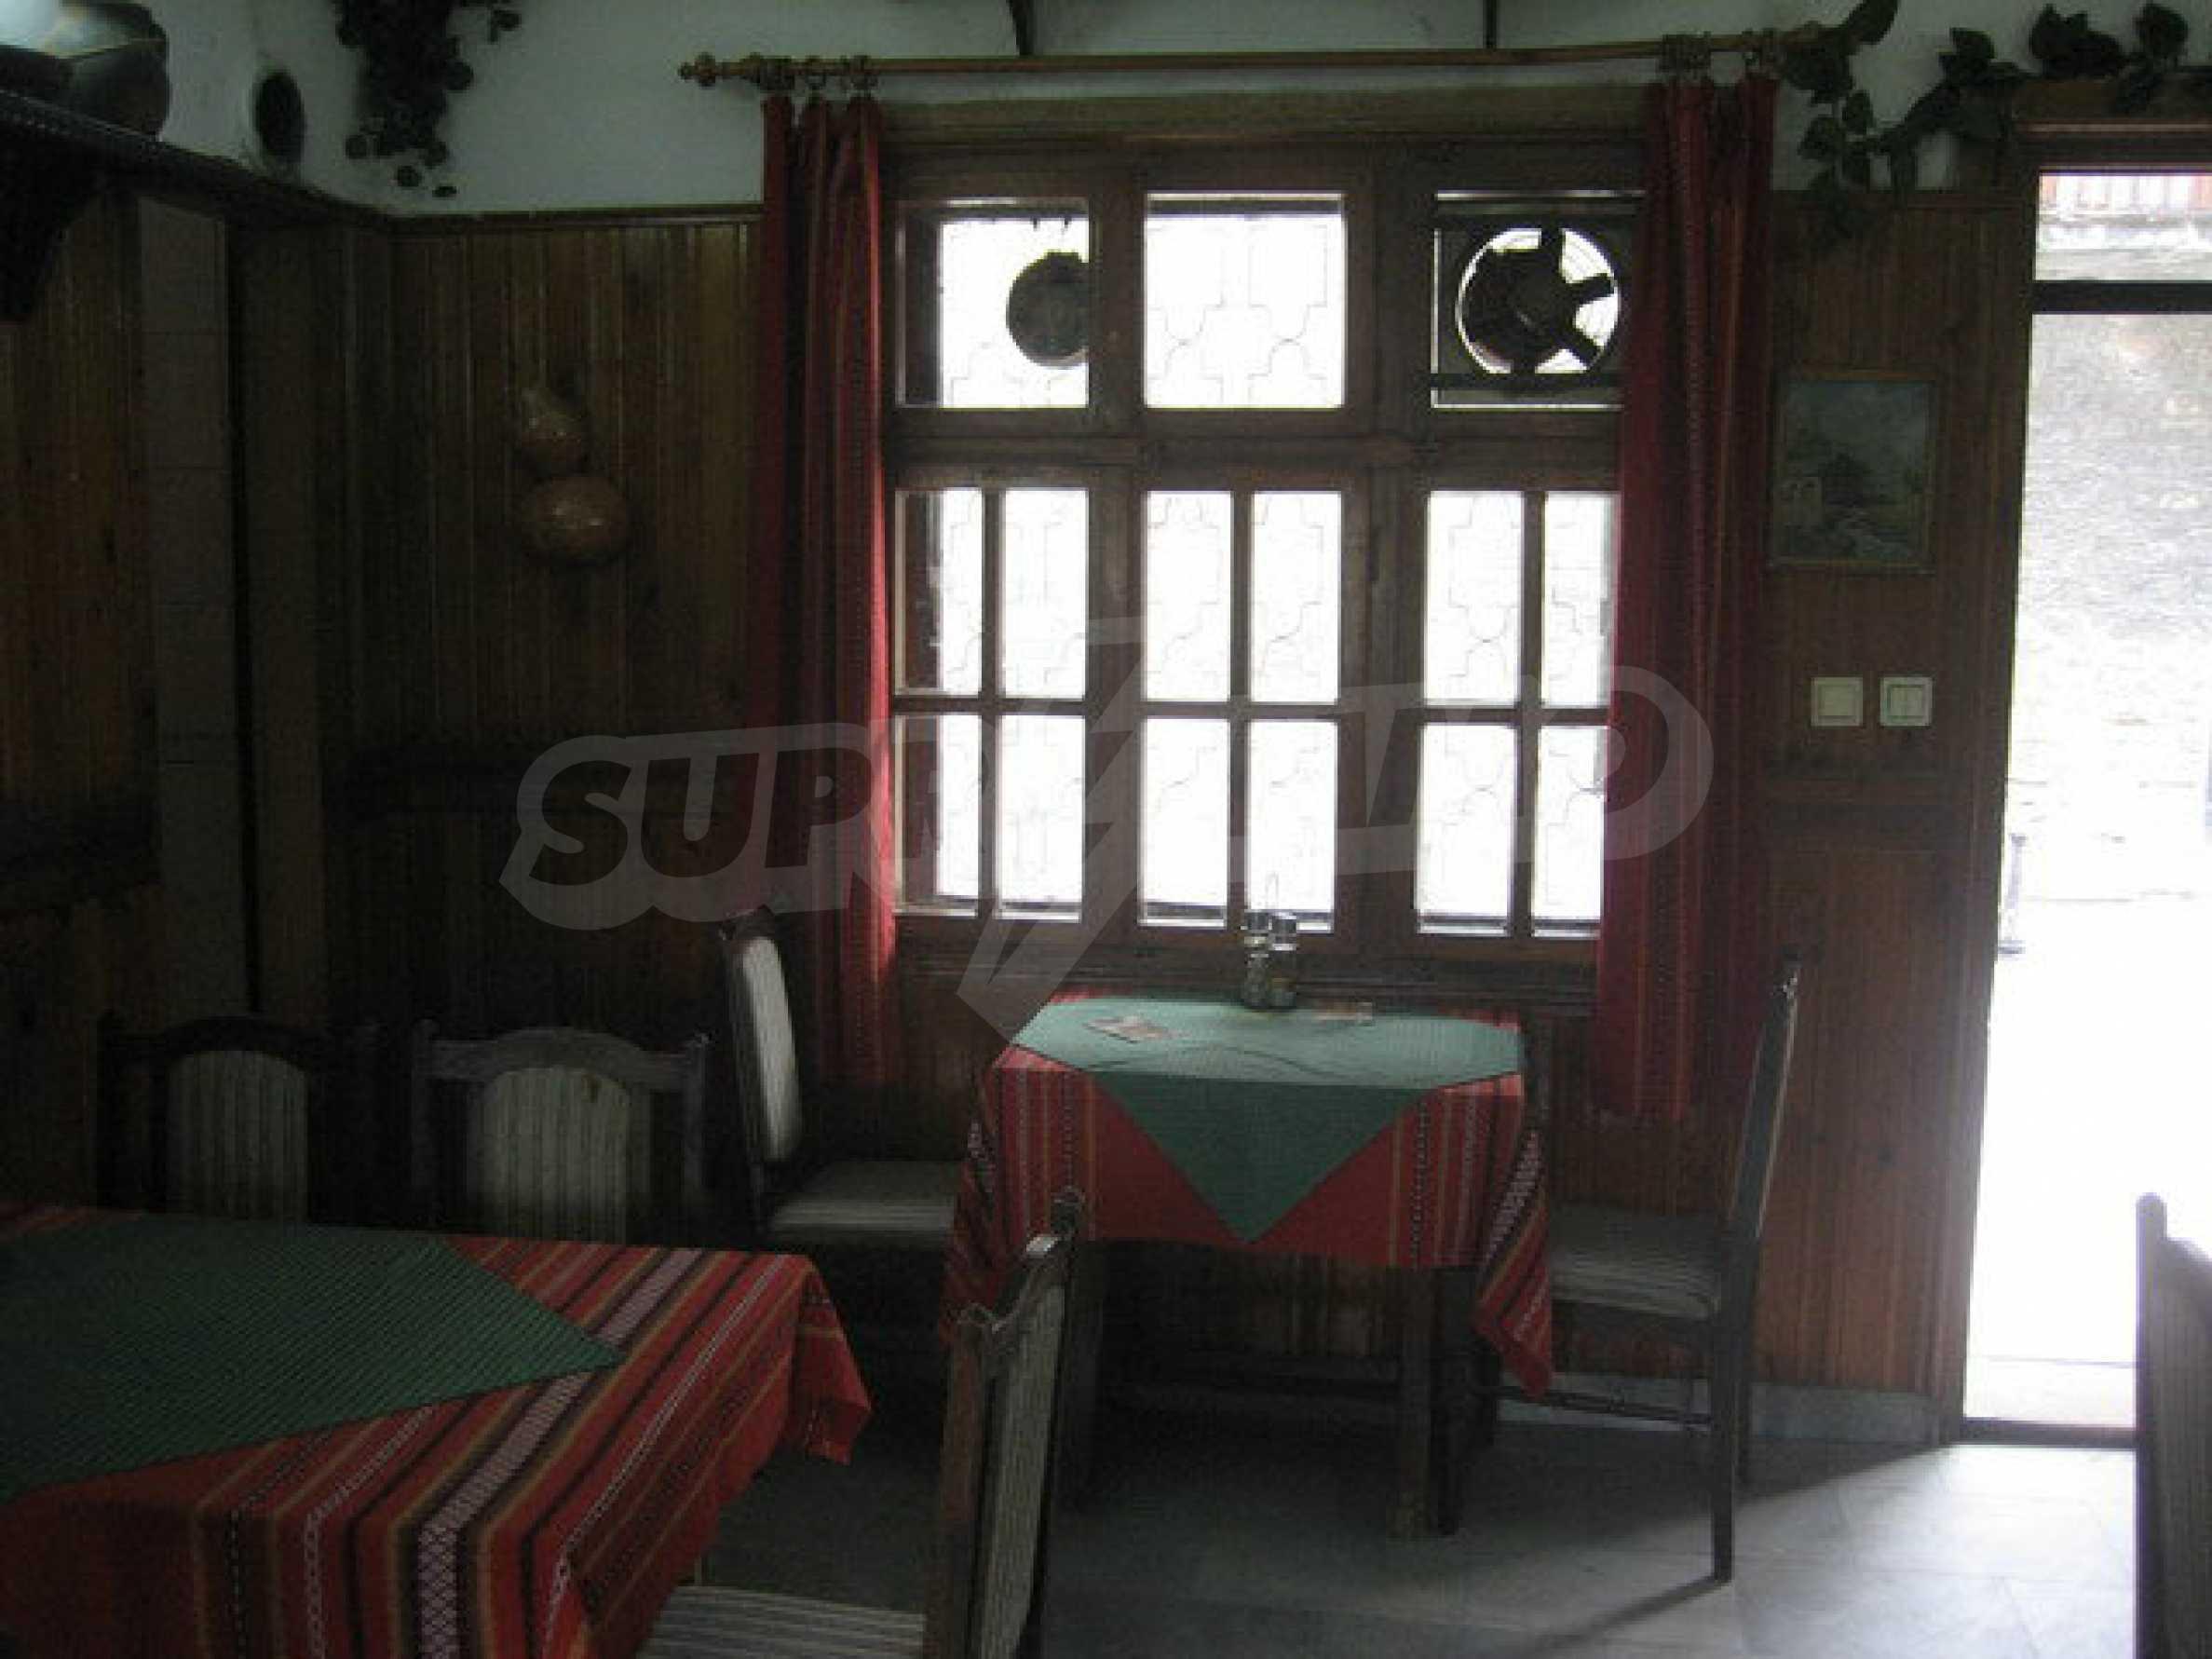 Funktionierendes Gasthaus / Taverne Meter vom Zaren-Assen-I-Platz in der alten Hauptstadt entfernt 14